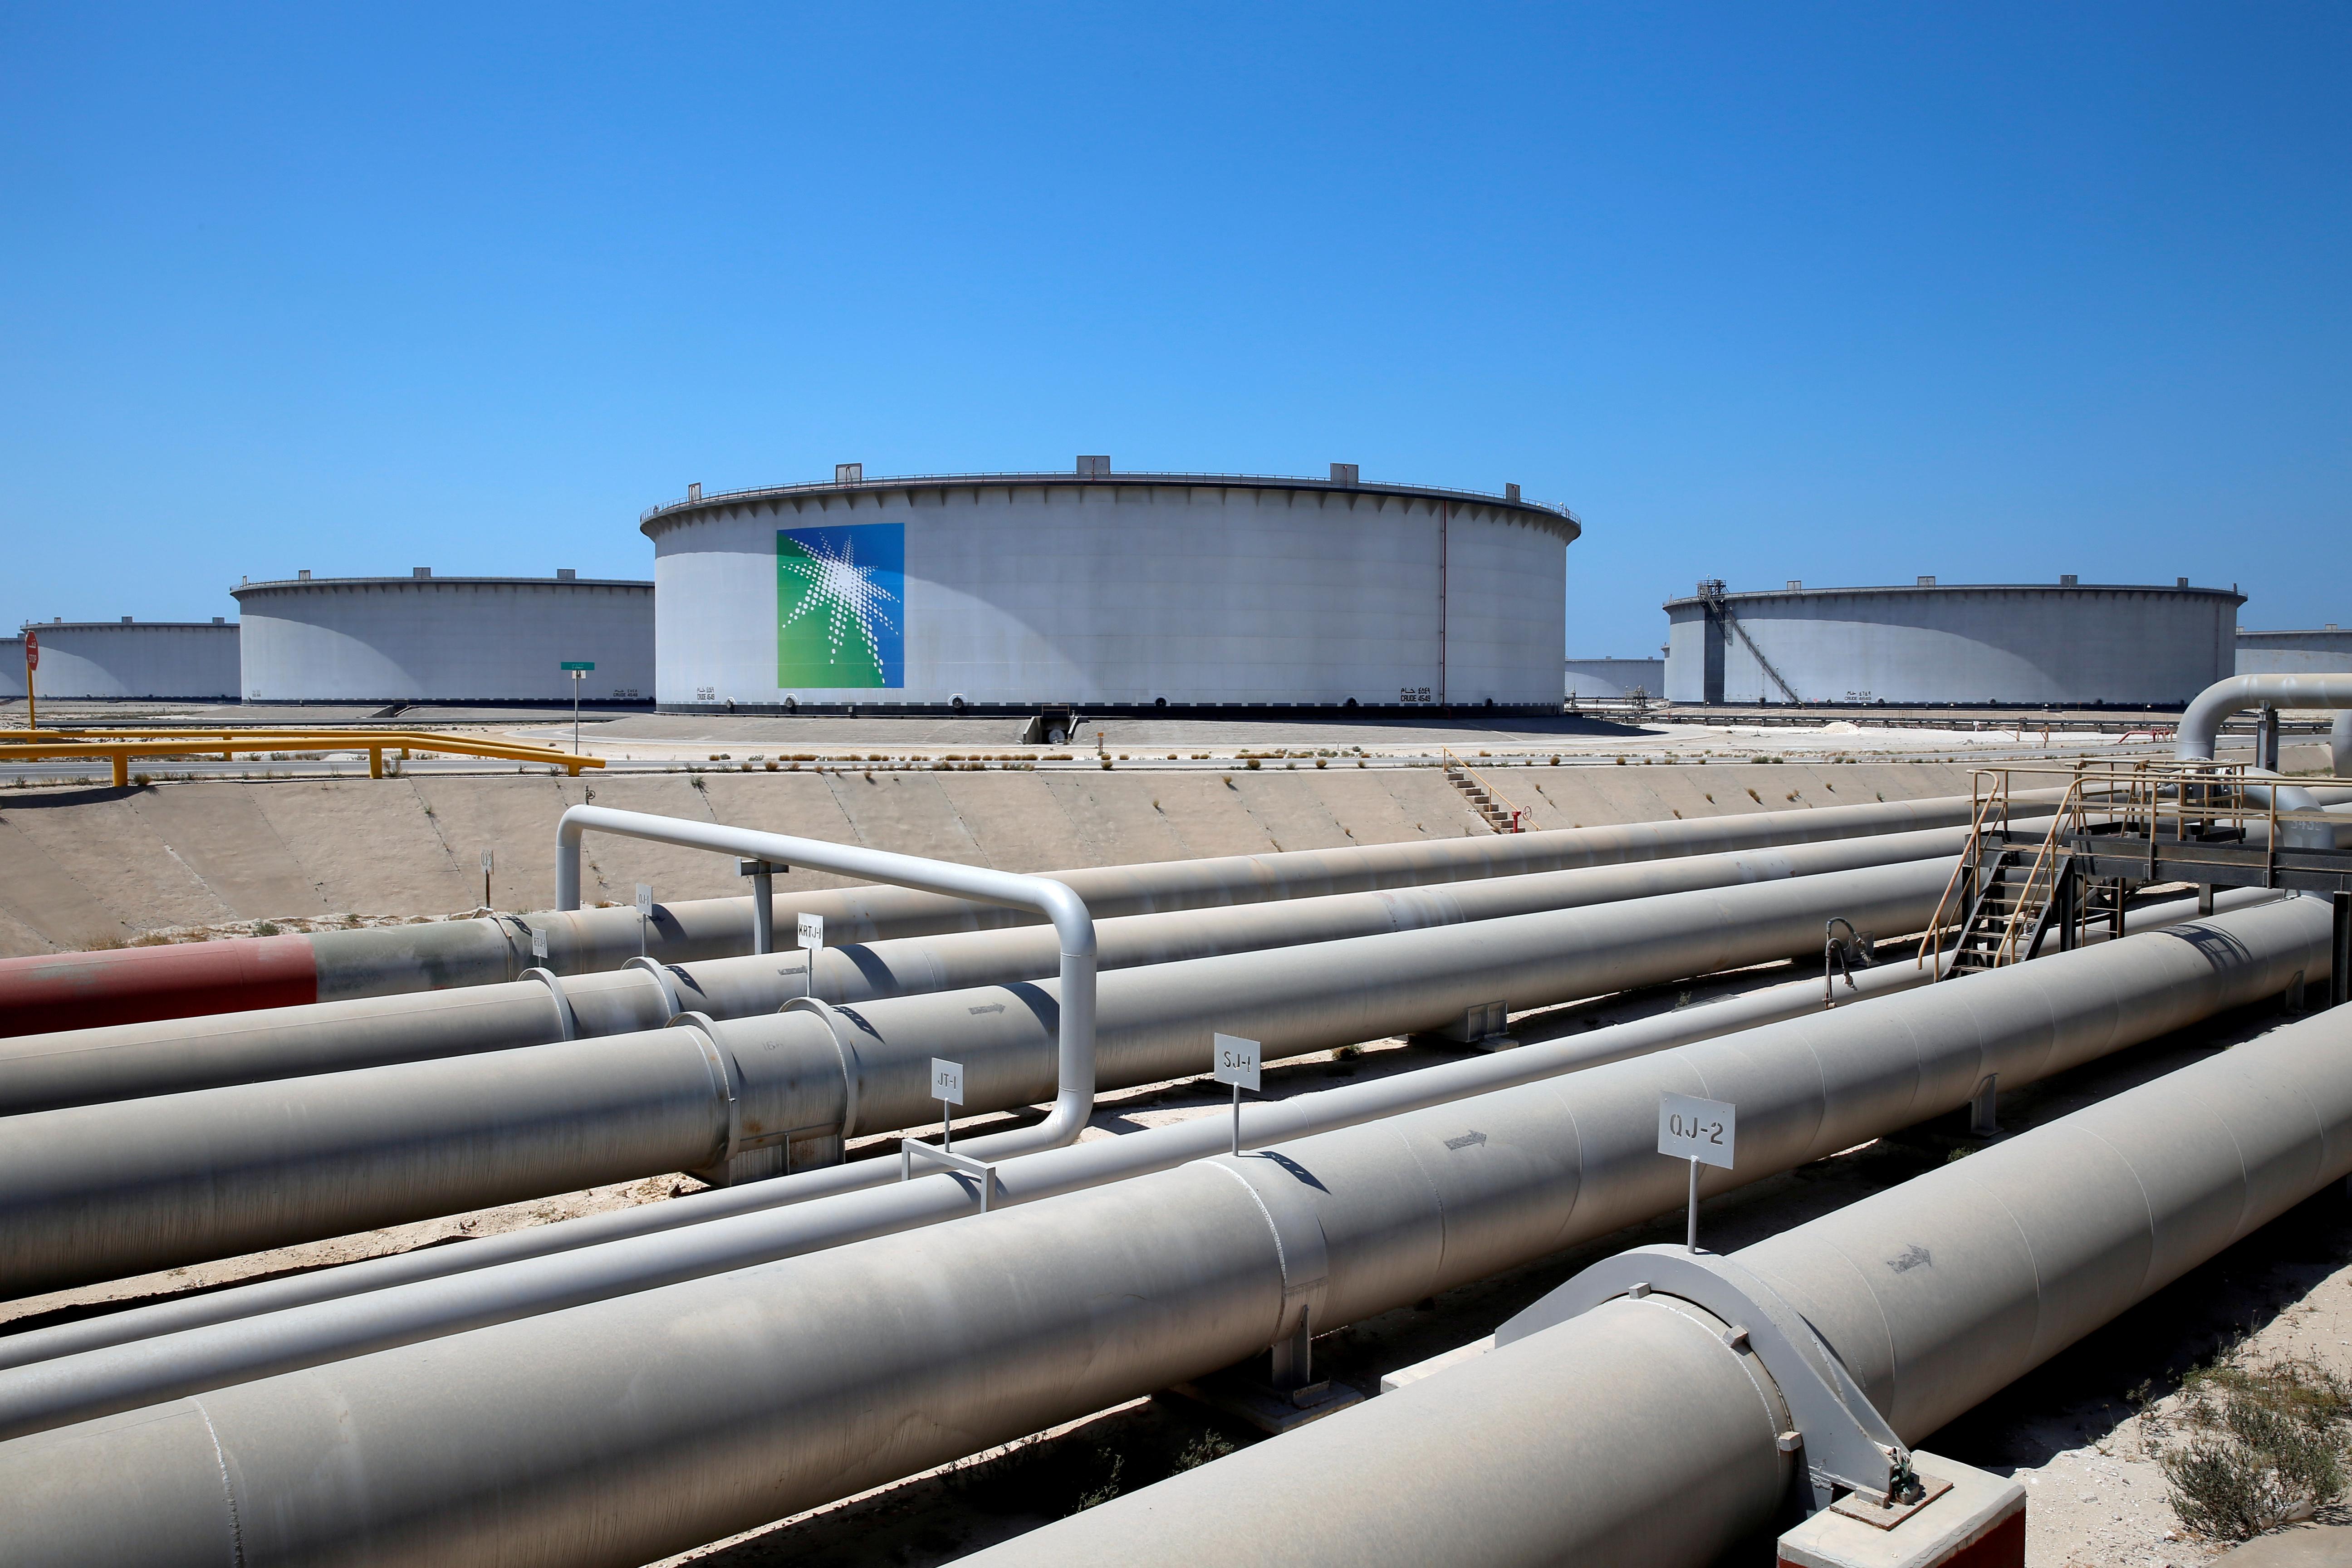 General view of Aramco tanks and oil pipe at Saudi Aramco's Ras Tanura oil refinery and oil terminal in Saudi Arabia May 21, 2018. REUTERS/Ahmed Jadallah/File Photo